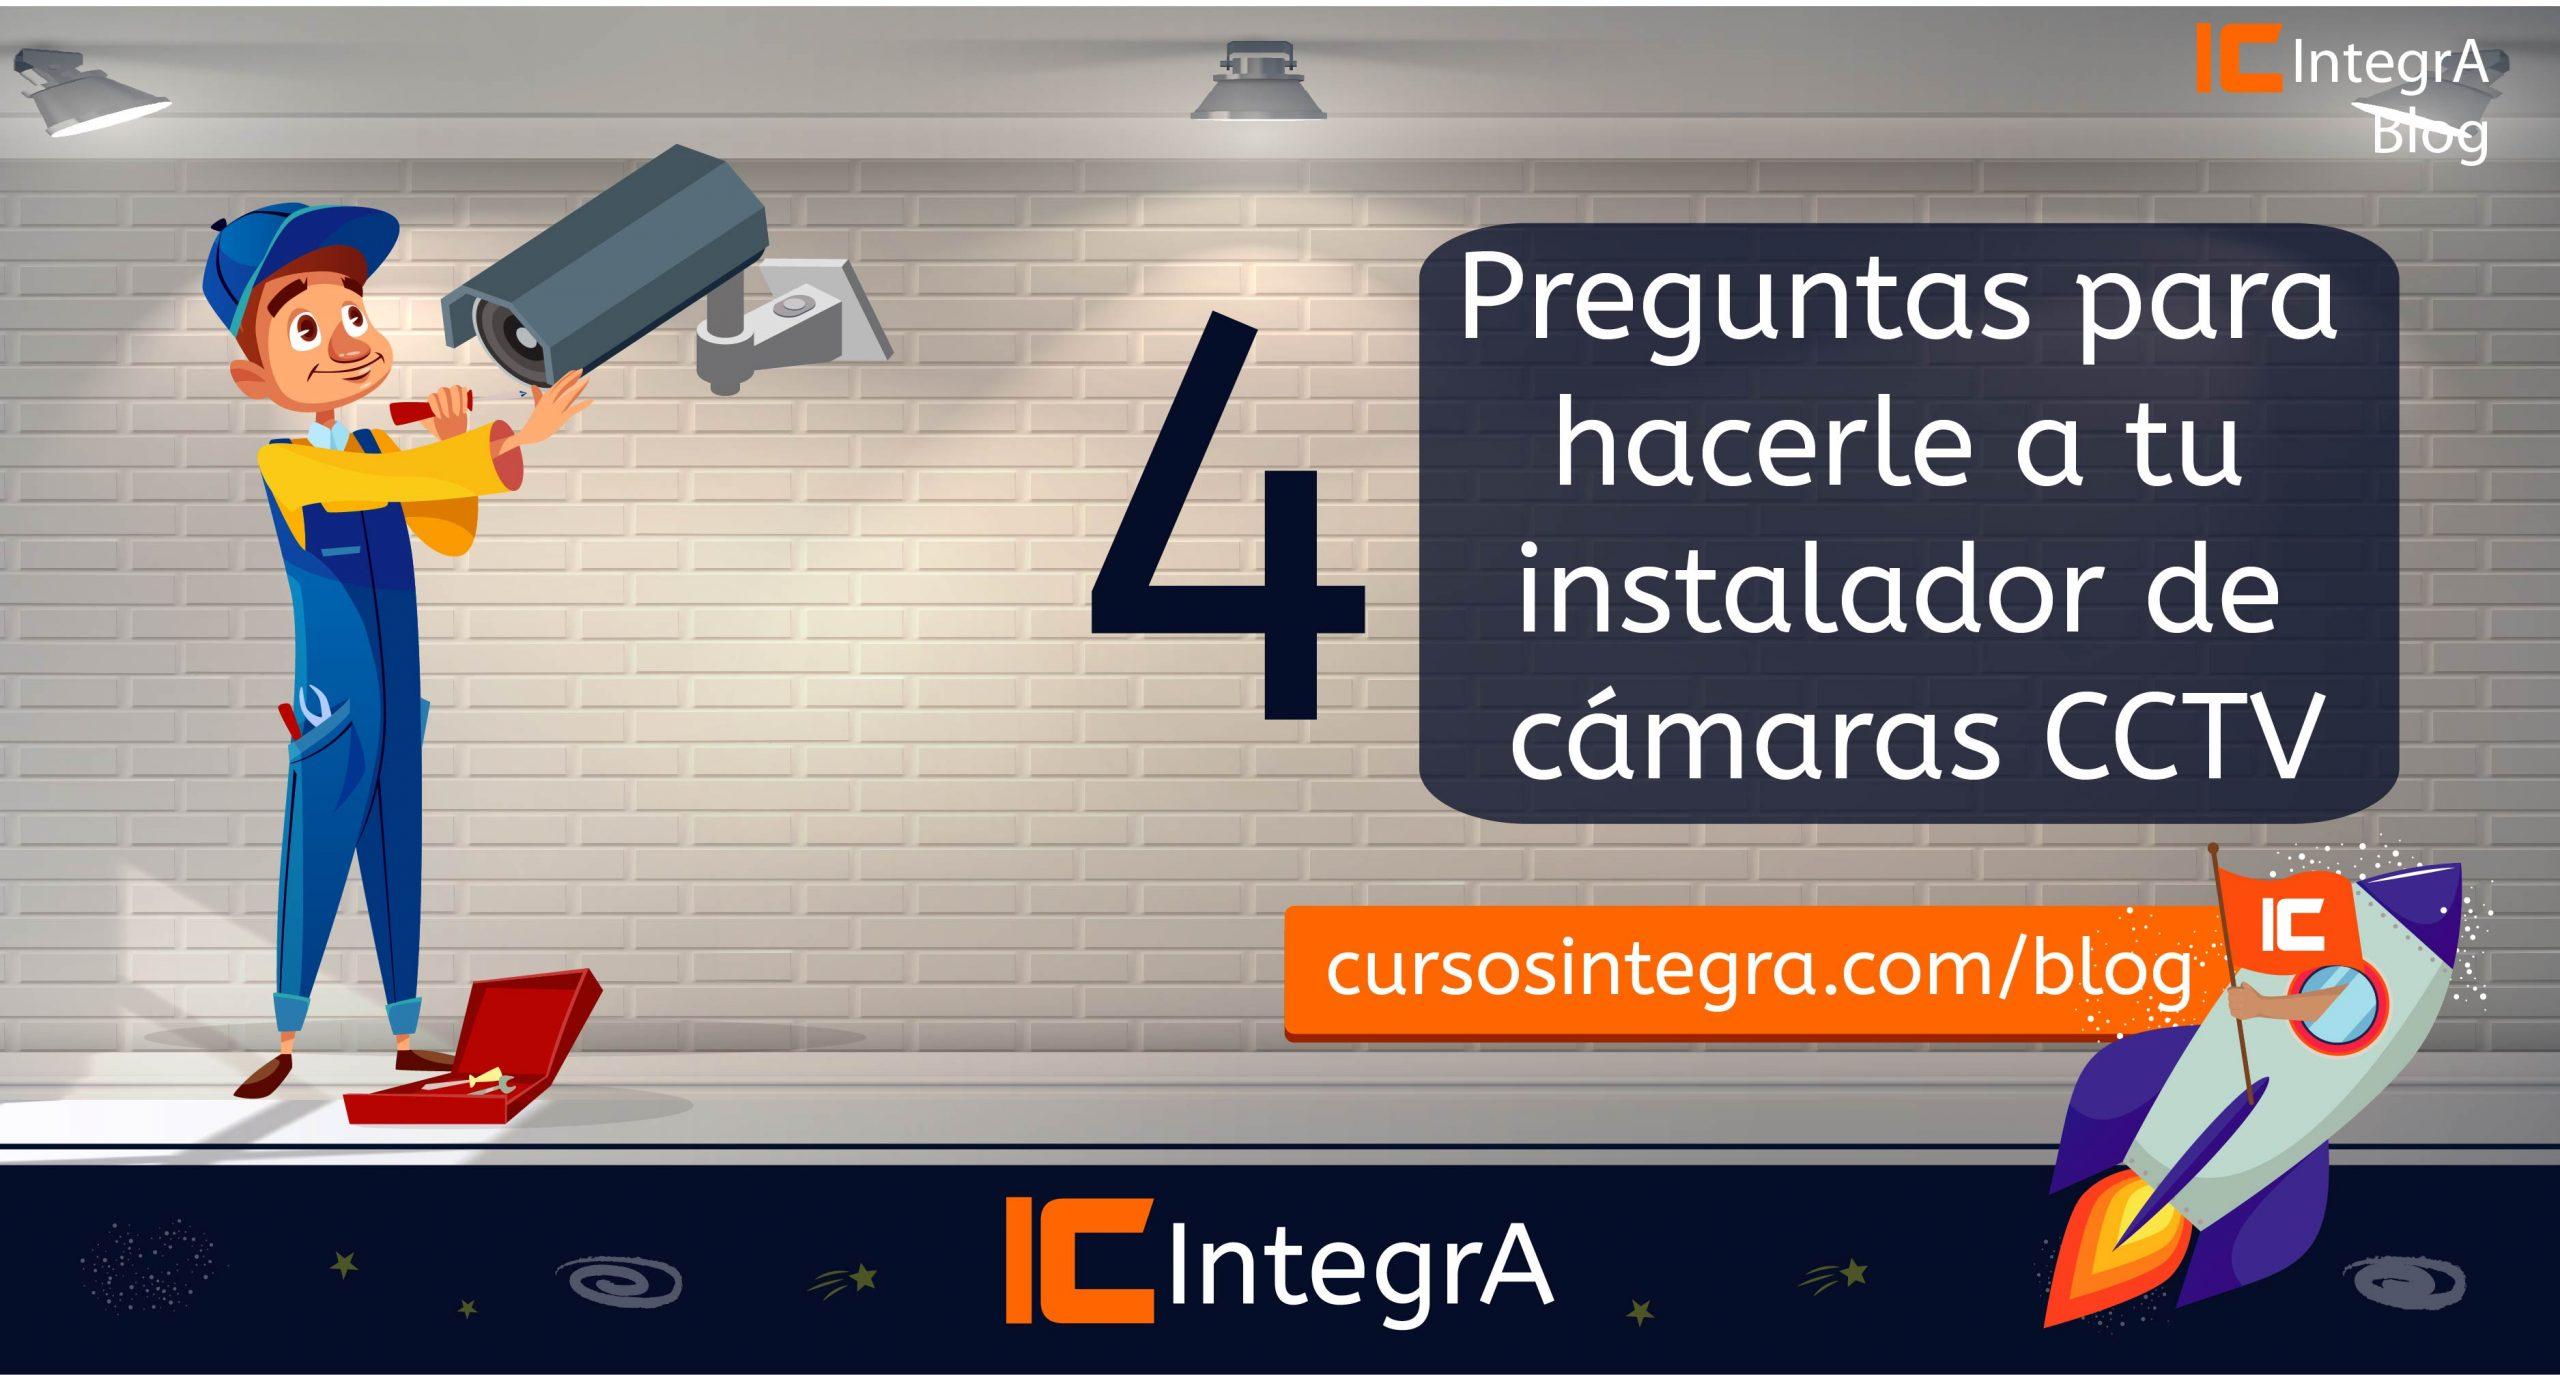 Preguntas para hacer a tu proveedor de camaras CCTV